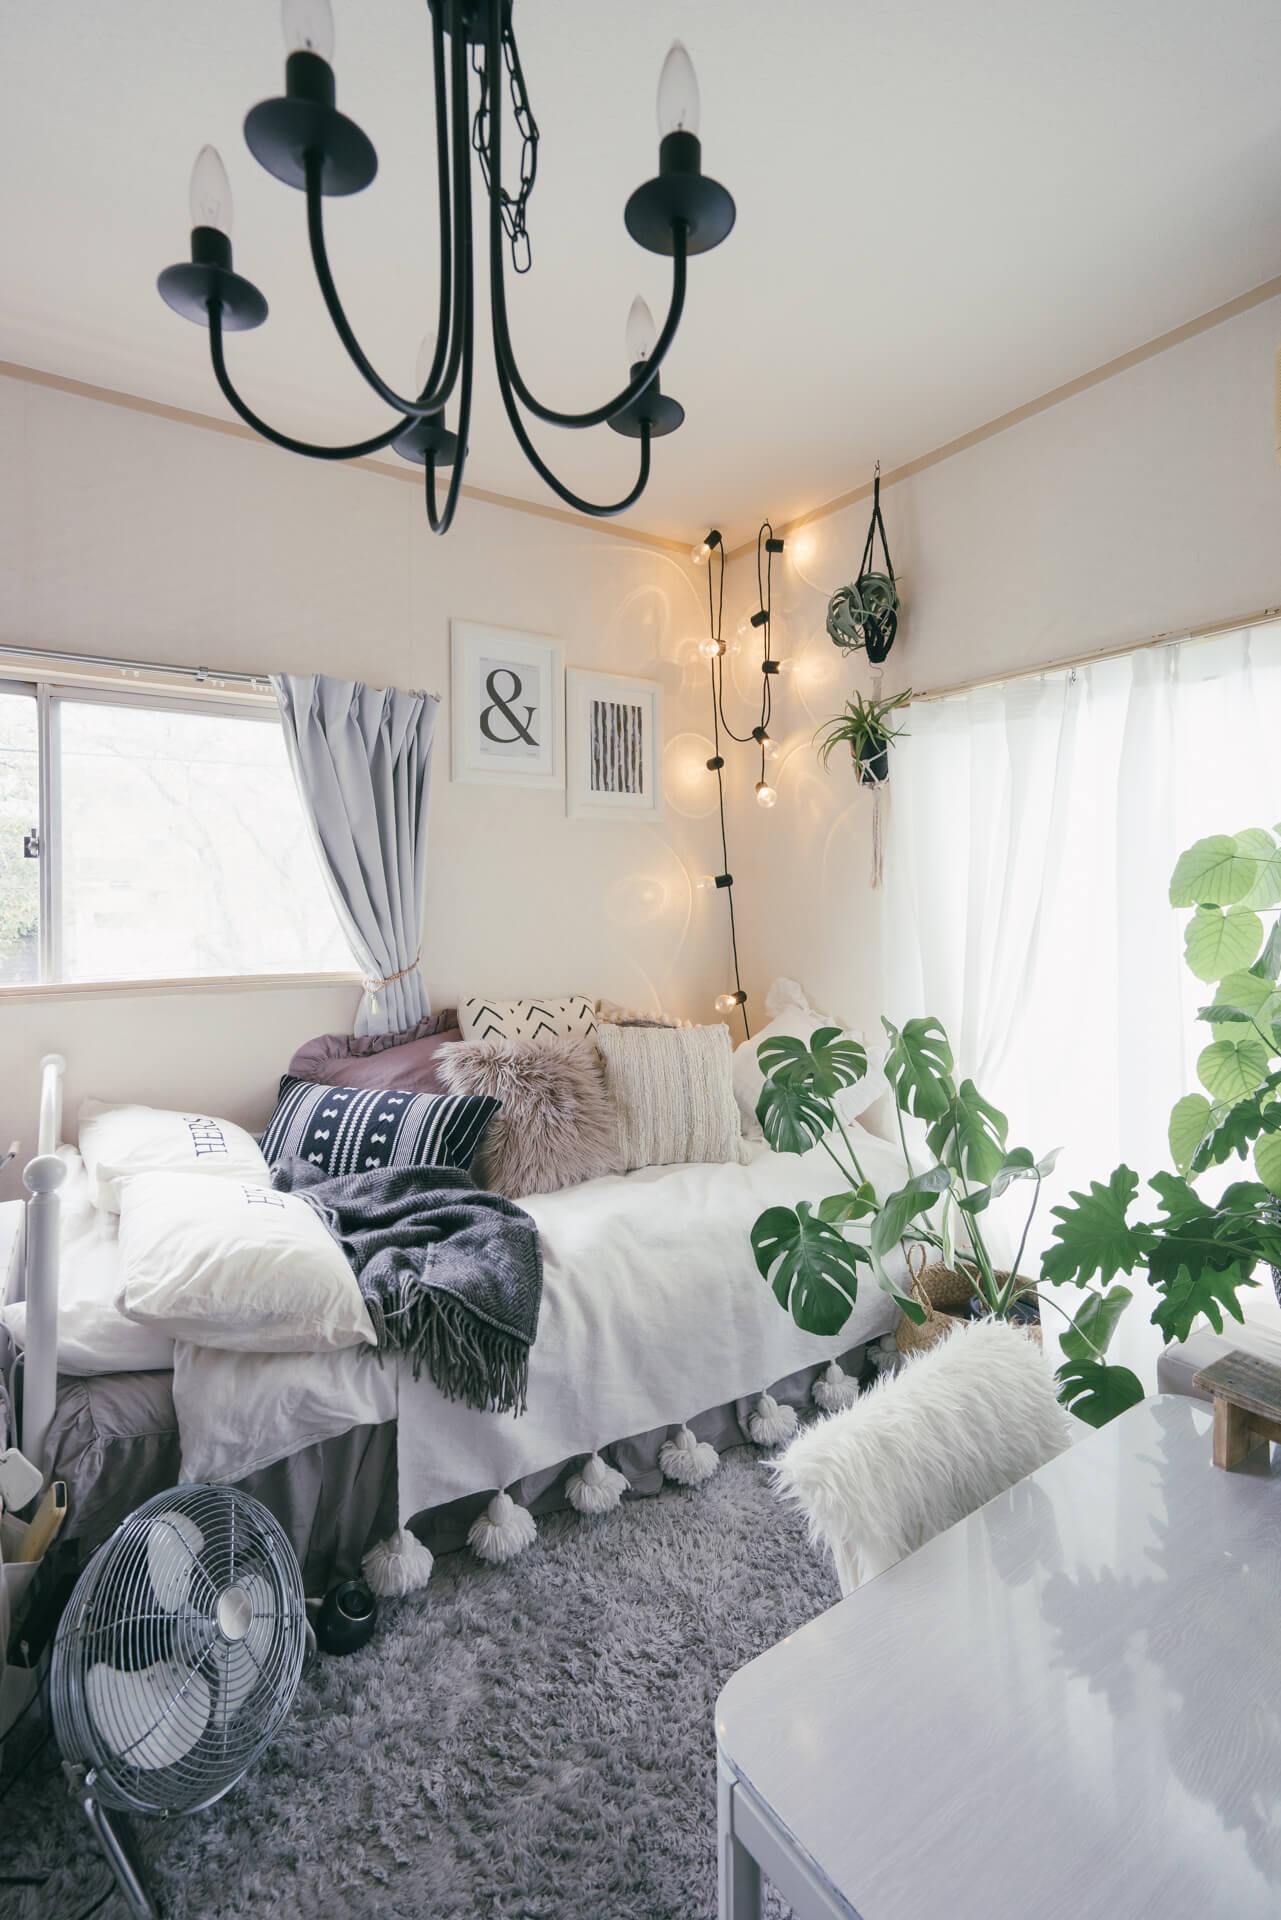 気に入らなければ 変えればいい 家具に色を塗り 壁紙を貼ってつくる